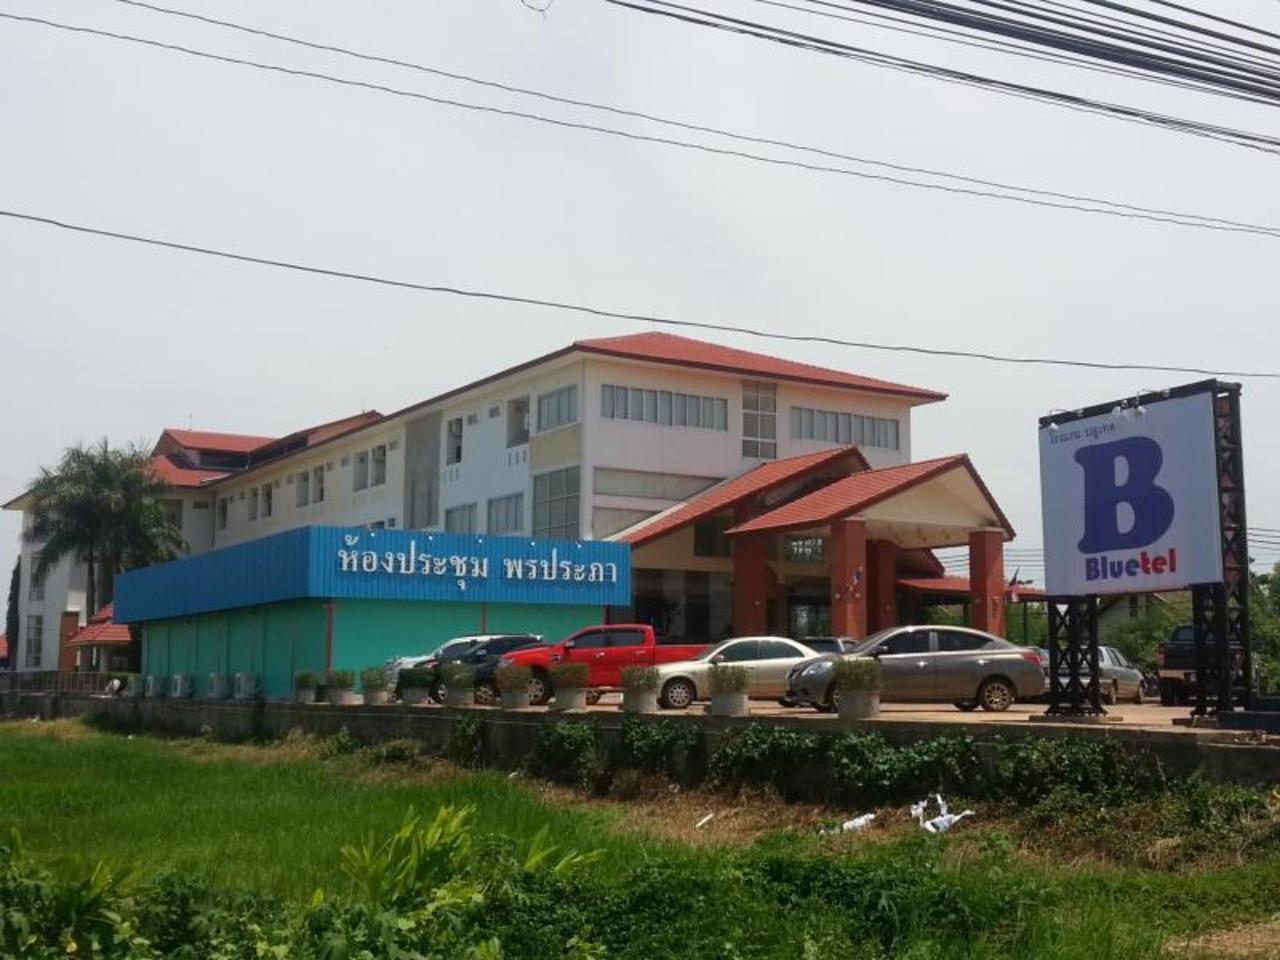 โรงแรมบลูเทล  (Bluetel Hotel)